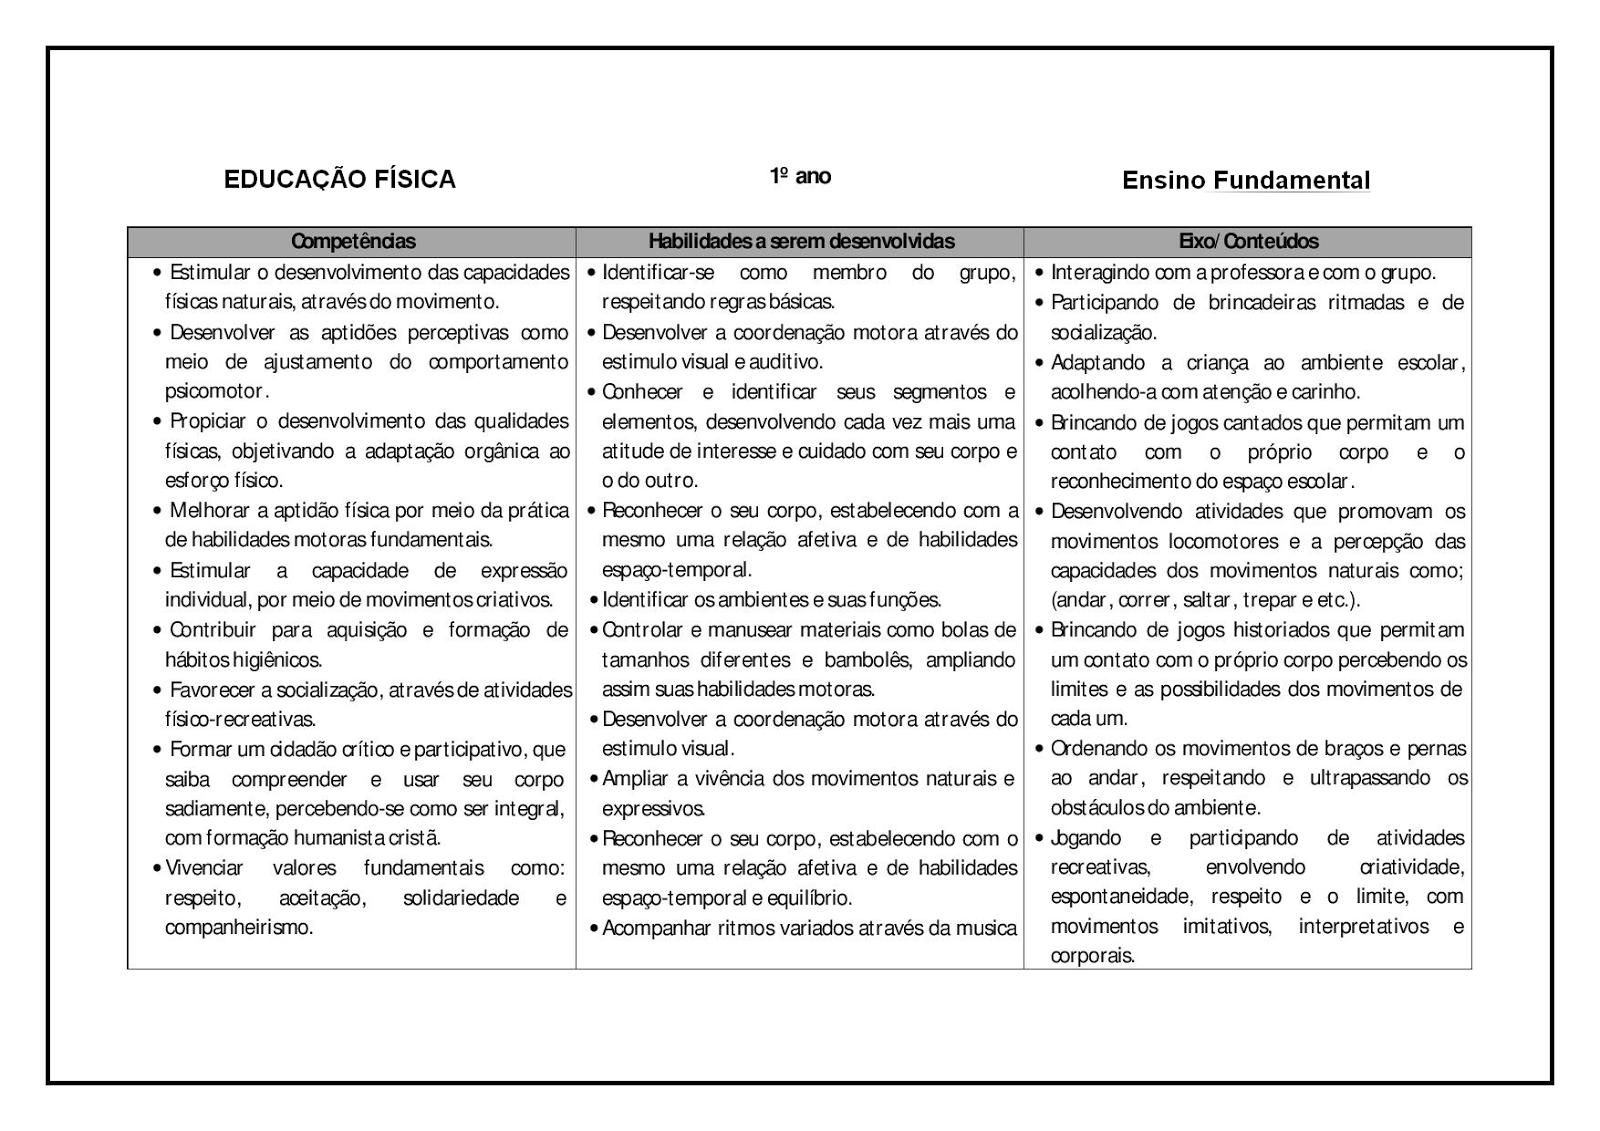 Populares Planejamento Anual para 1º ano do Ensino Fundamental — SÓ ESCOLA WT83